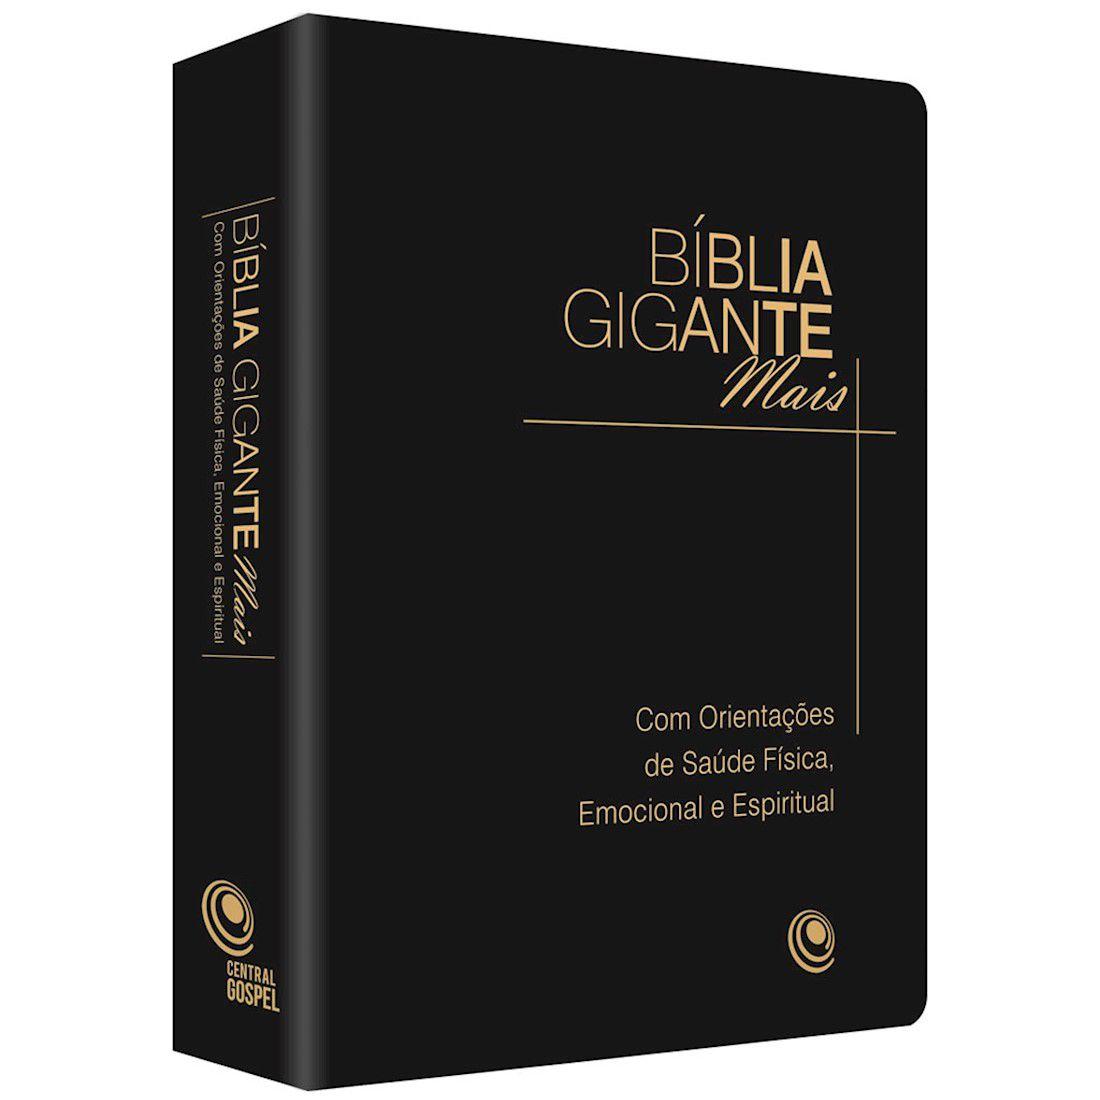 Bíblia Gigante Mais